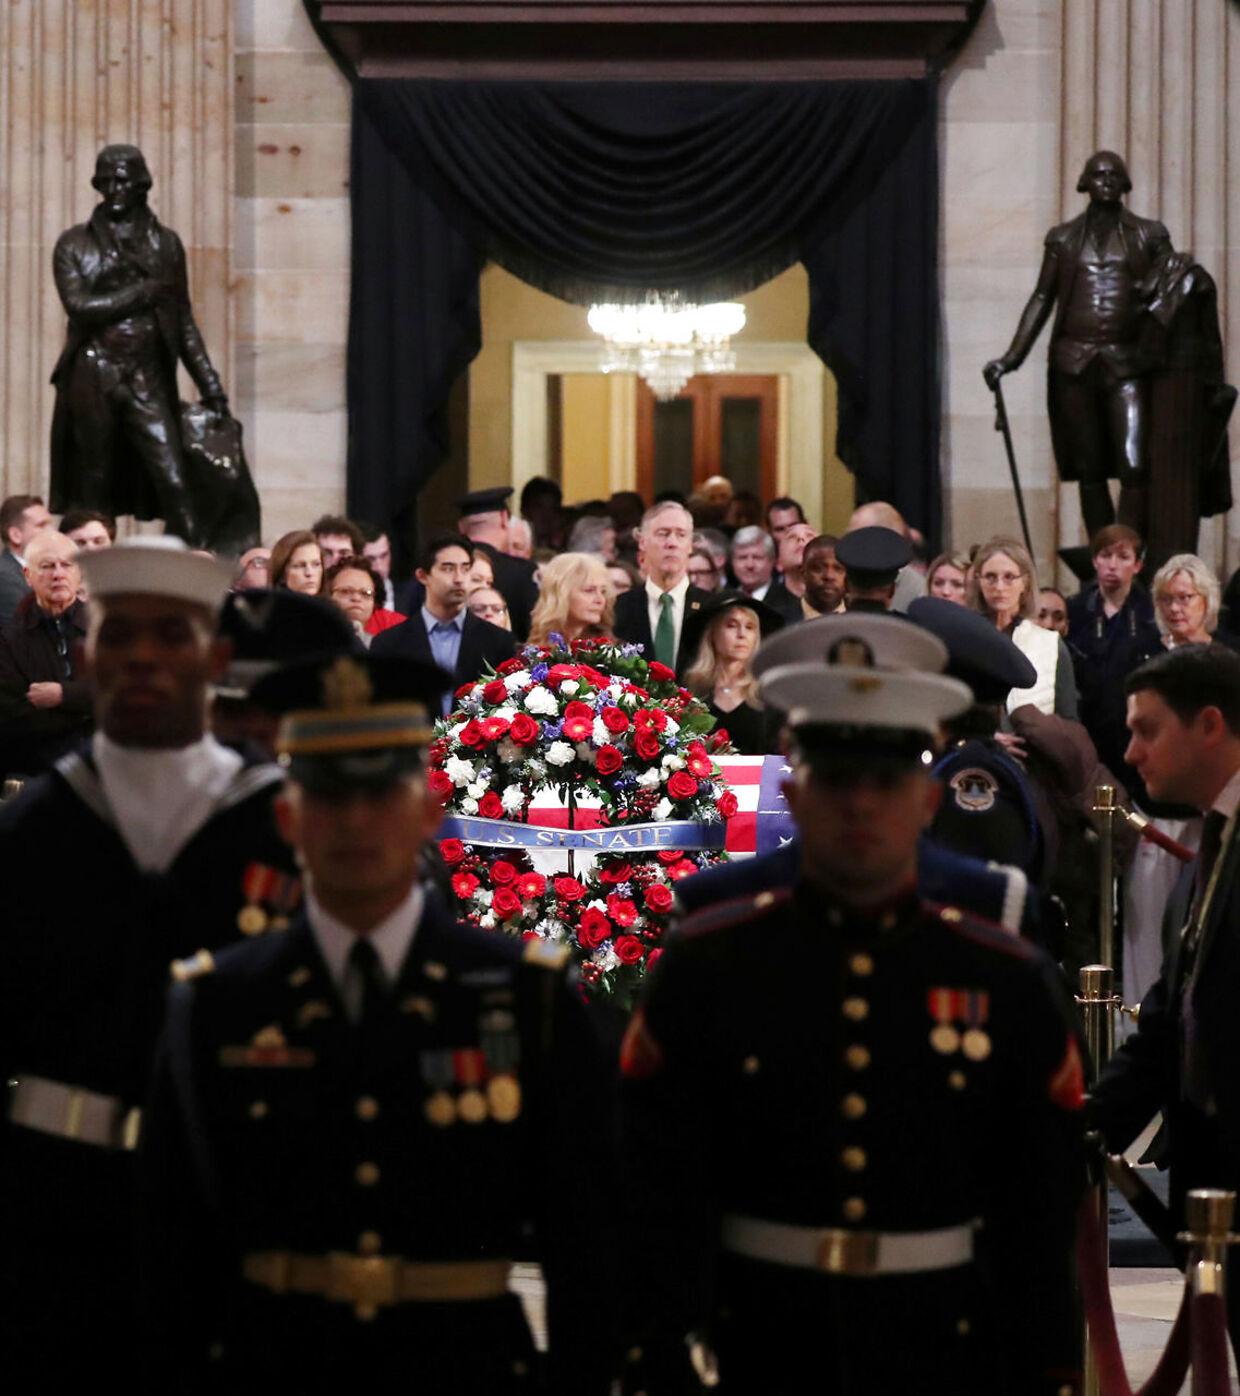 Præsident George H. Bush bliver bisat i Washington D.C.